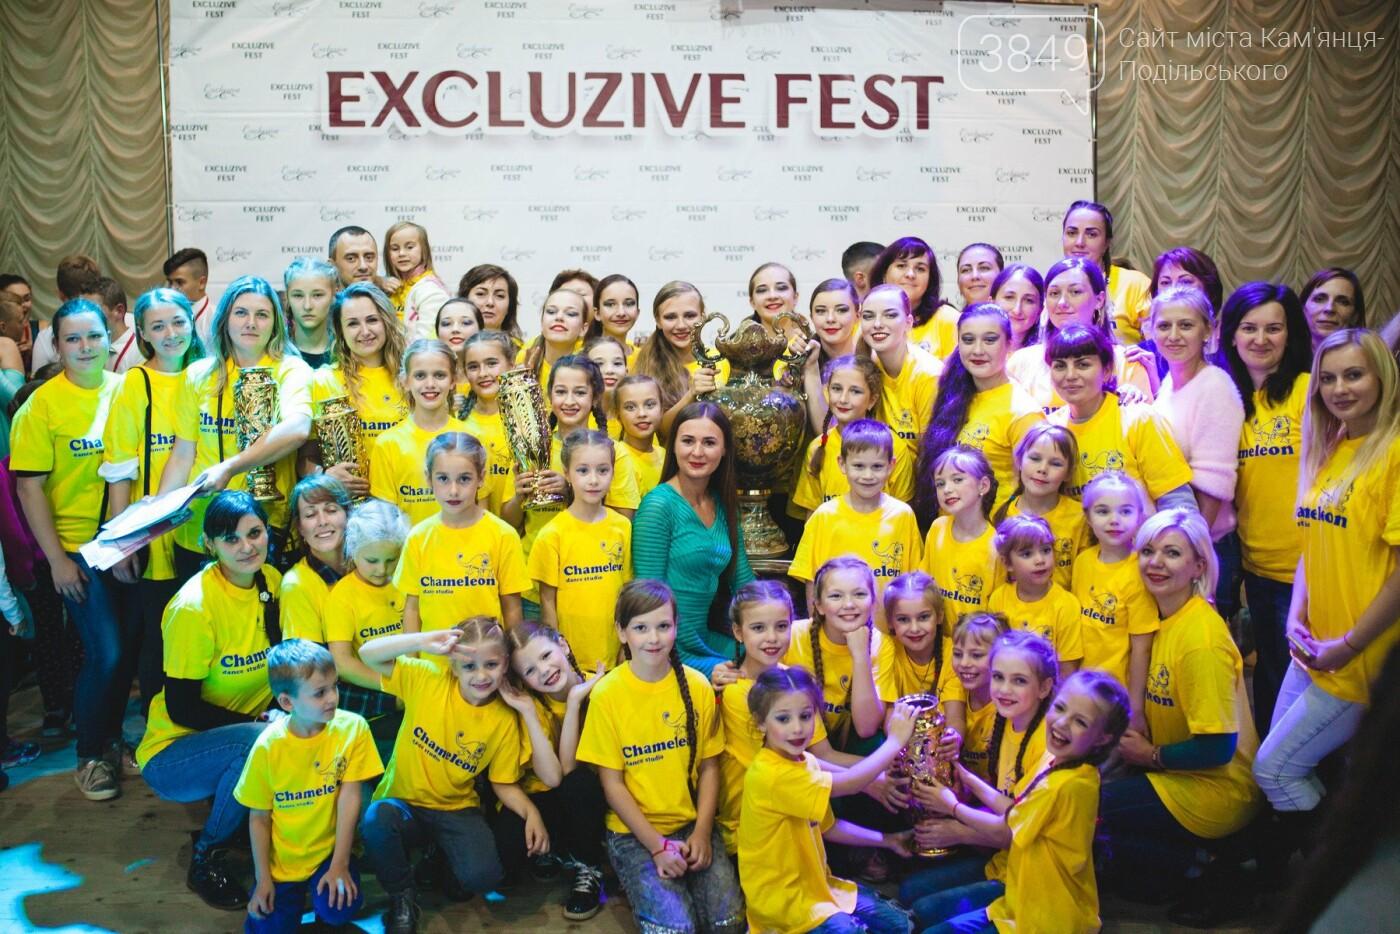 Юні кам'янецькі танцюристи завоювали чотири I місця та Гран-прі найбільшого фестивалю Західної України, фото-12